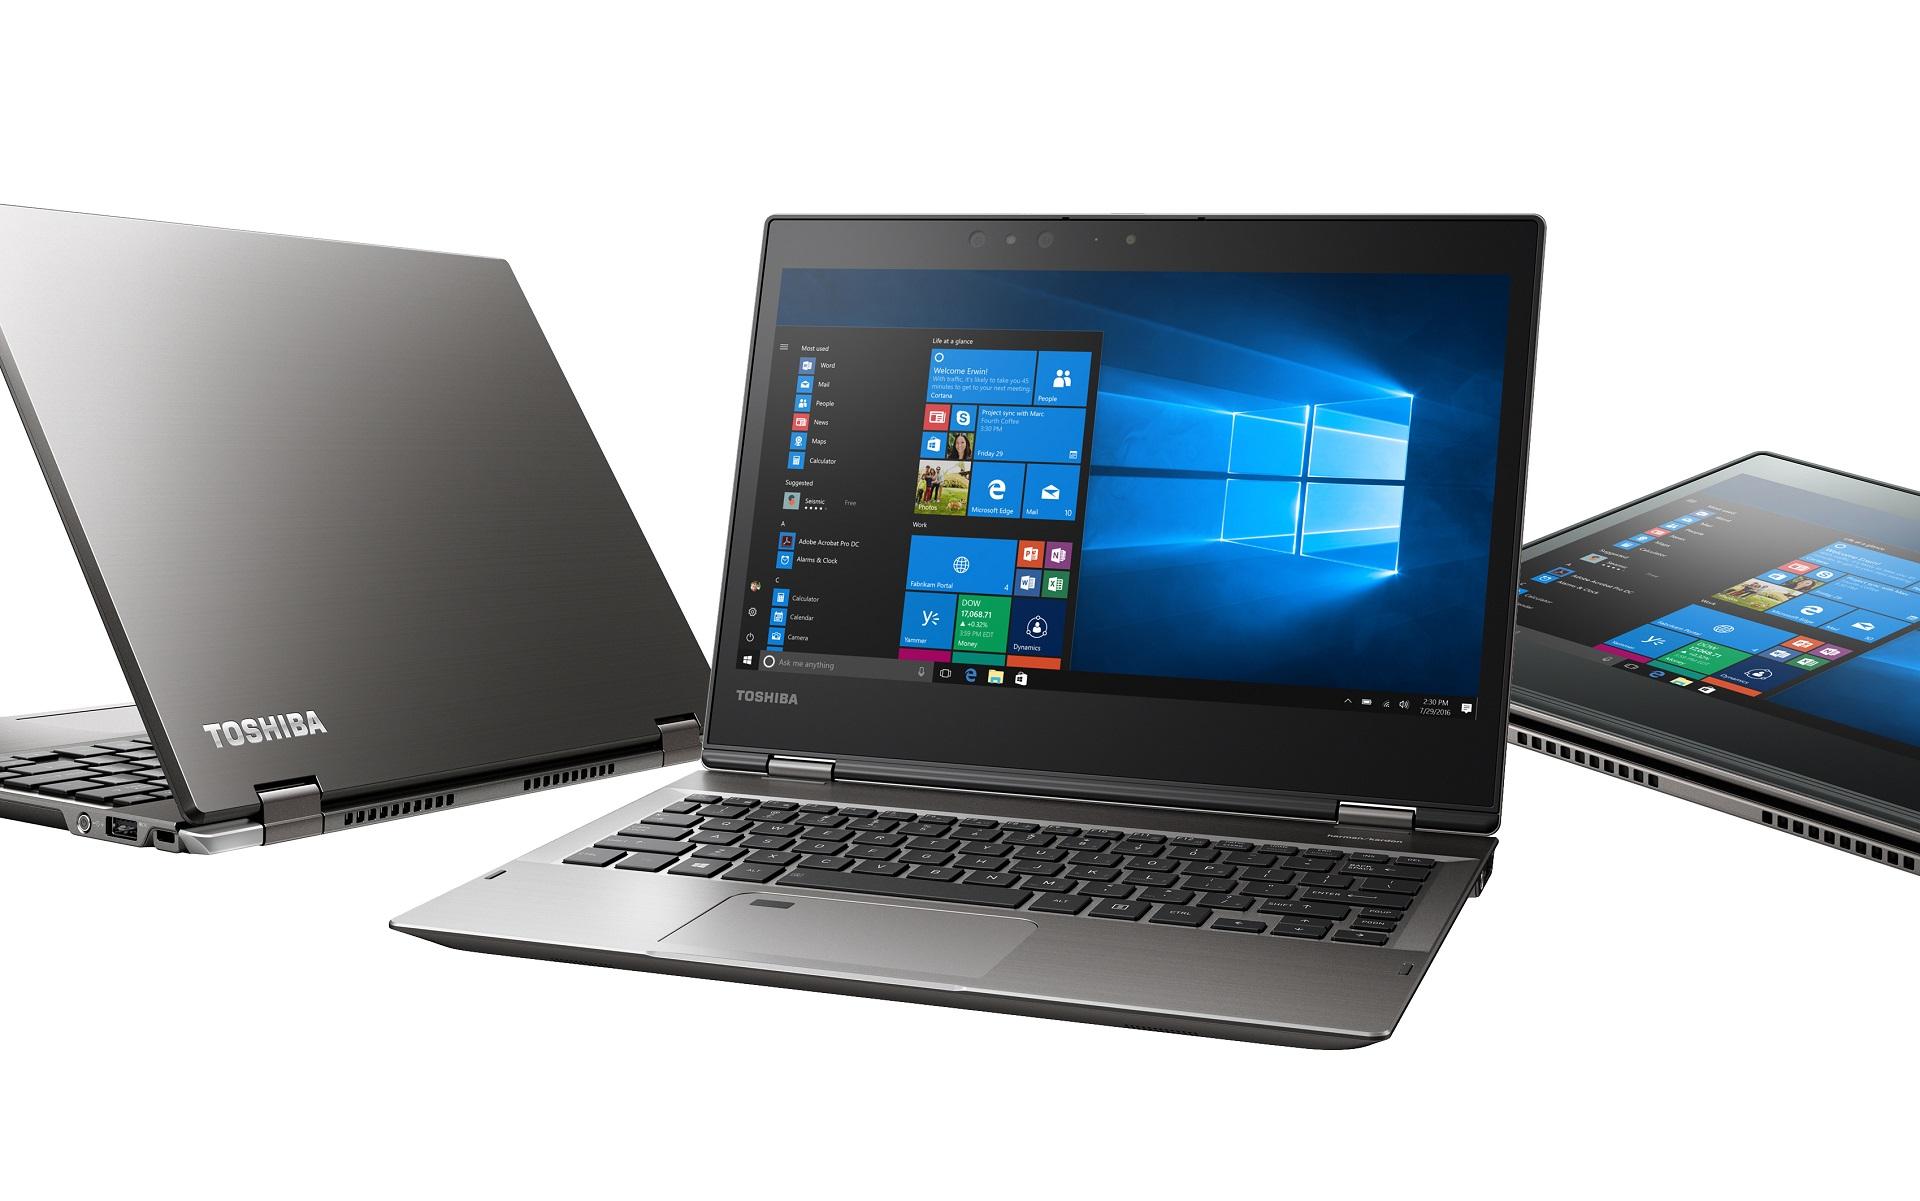 Toshiba представила новый тип ноутбуков Portege под управлением Windows 10 Pro